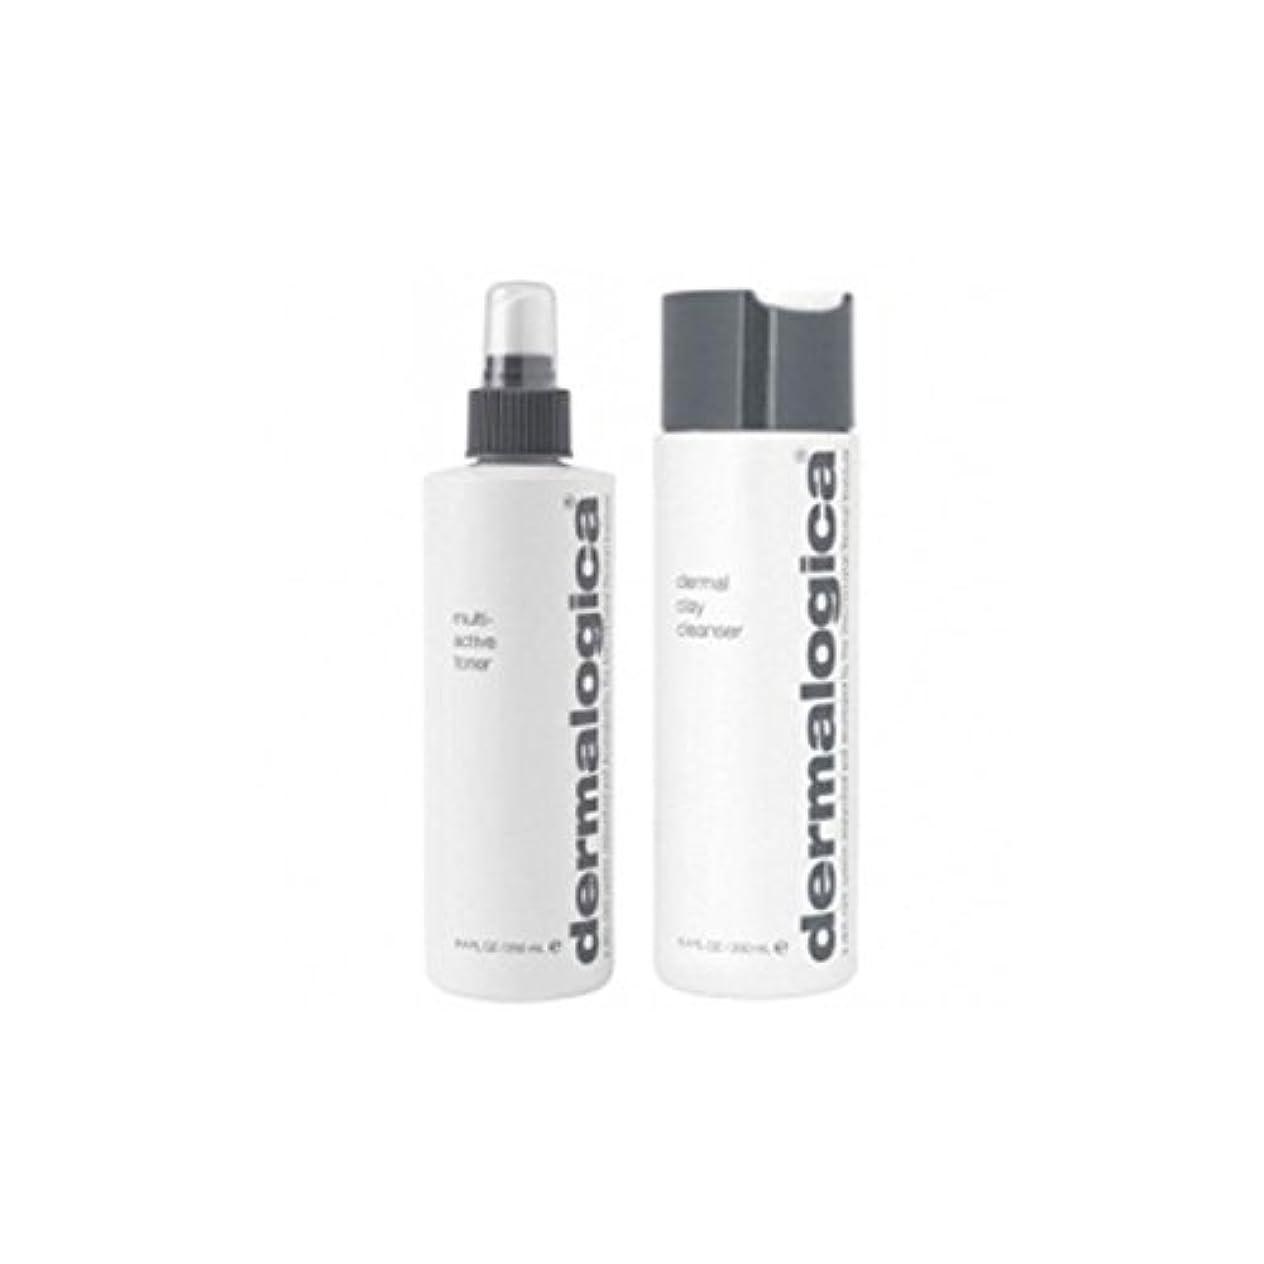 疑問に思う火山学ディンカルビルDermalogica Cleanse & Tone Duo - Oily Skin (2 Products) - ダーマロジカクレンジング&トーンデュオ - 脂性肌(2製品) [並行輸入品]